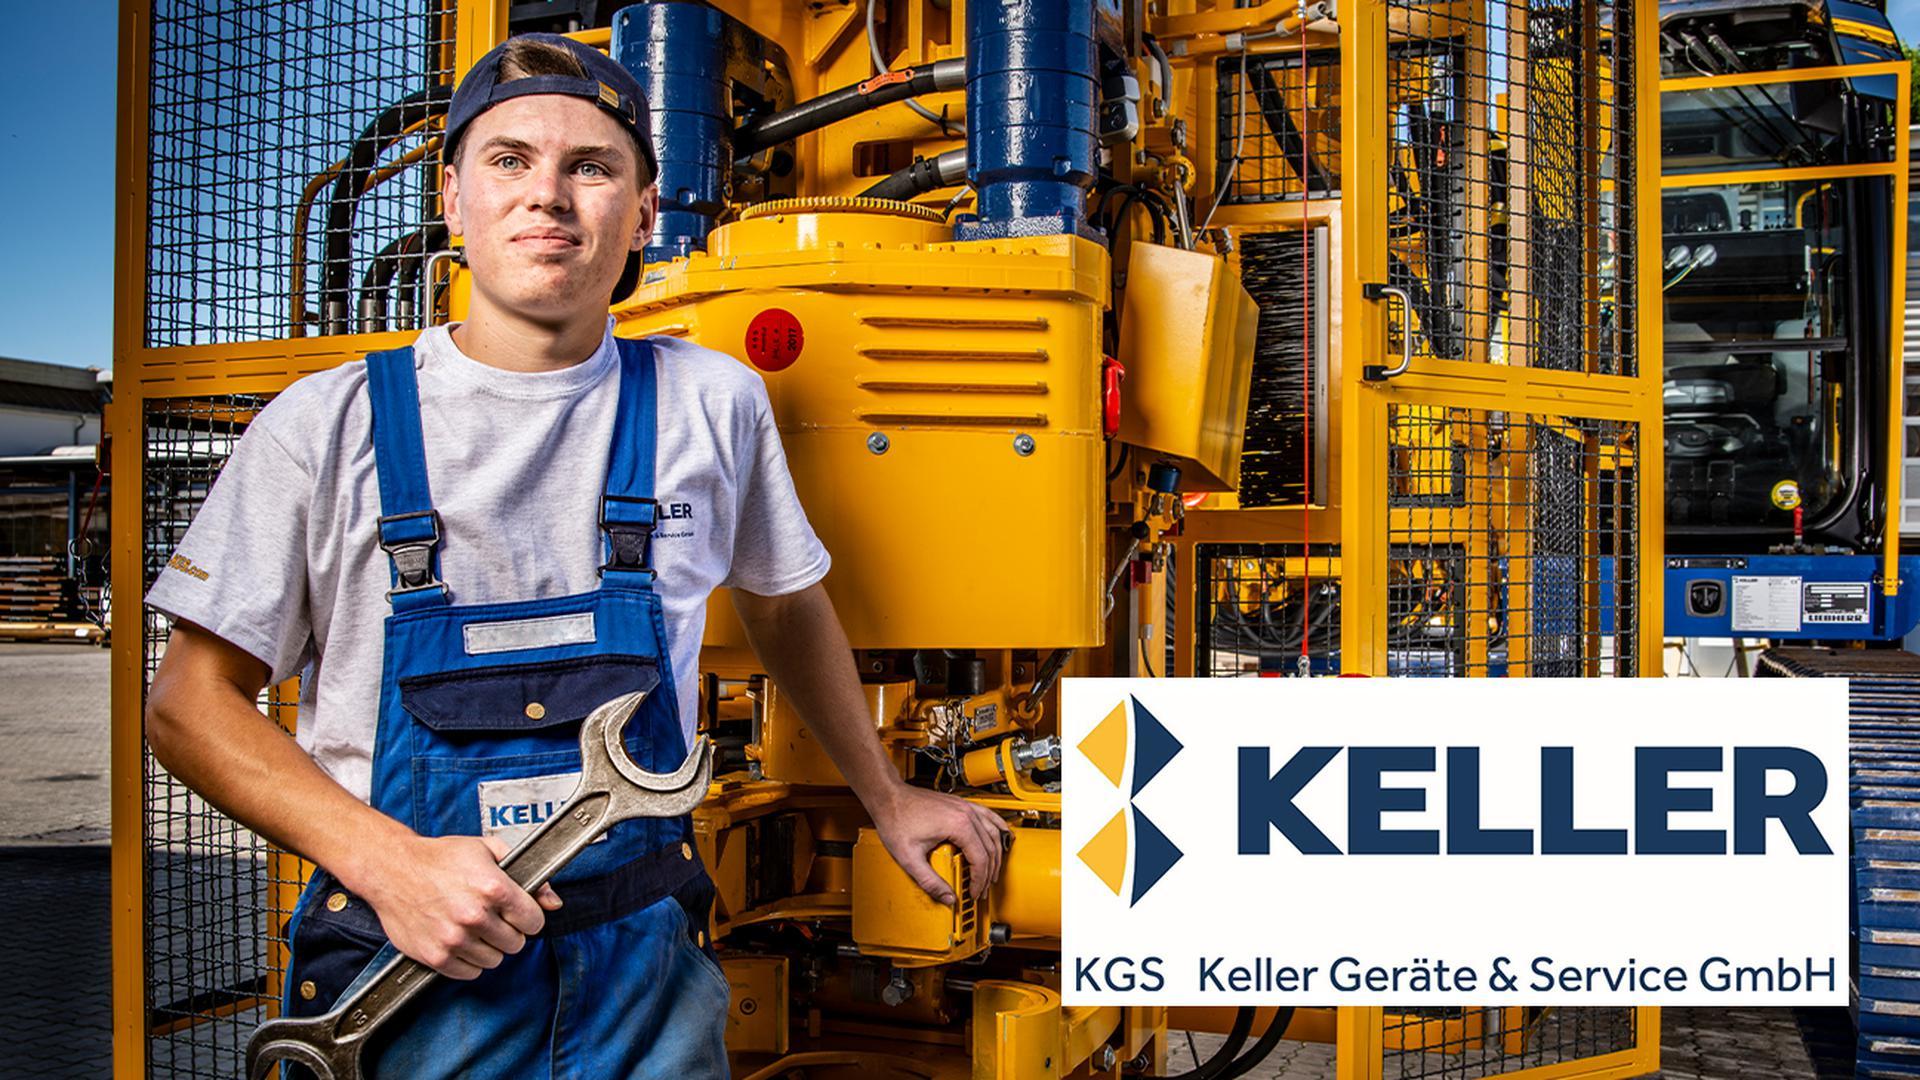 Ausbildungsmöglichkeiten bei KGS Keller Geräte & Service GmbH